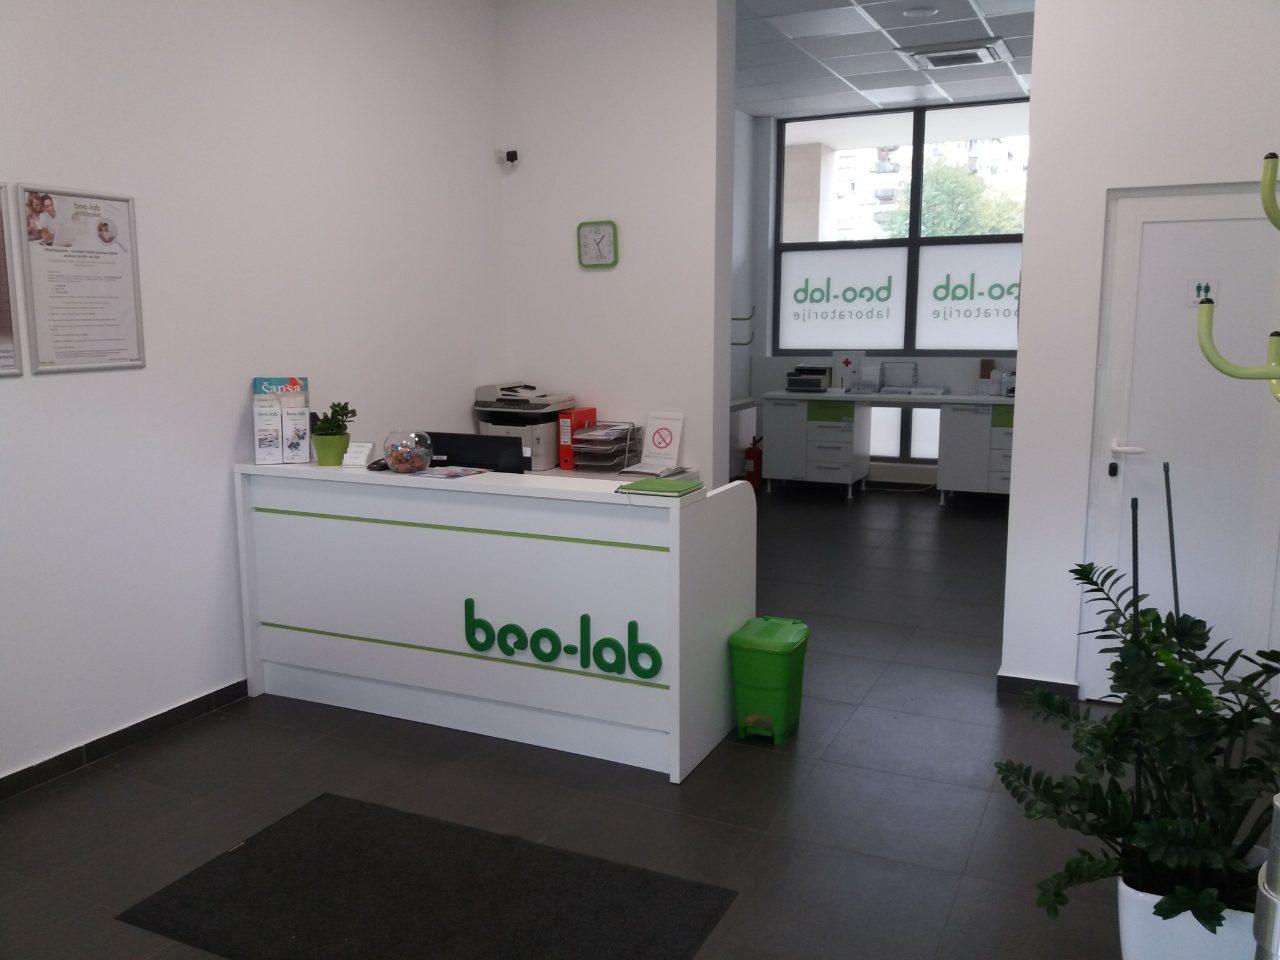 Beo-lab laboratorija Retenzija, Bul. Mihajla Pupina 16V, Novi Beograd 4